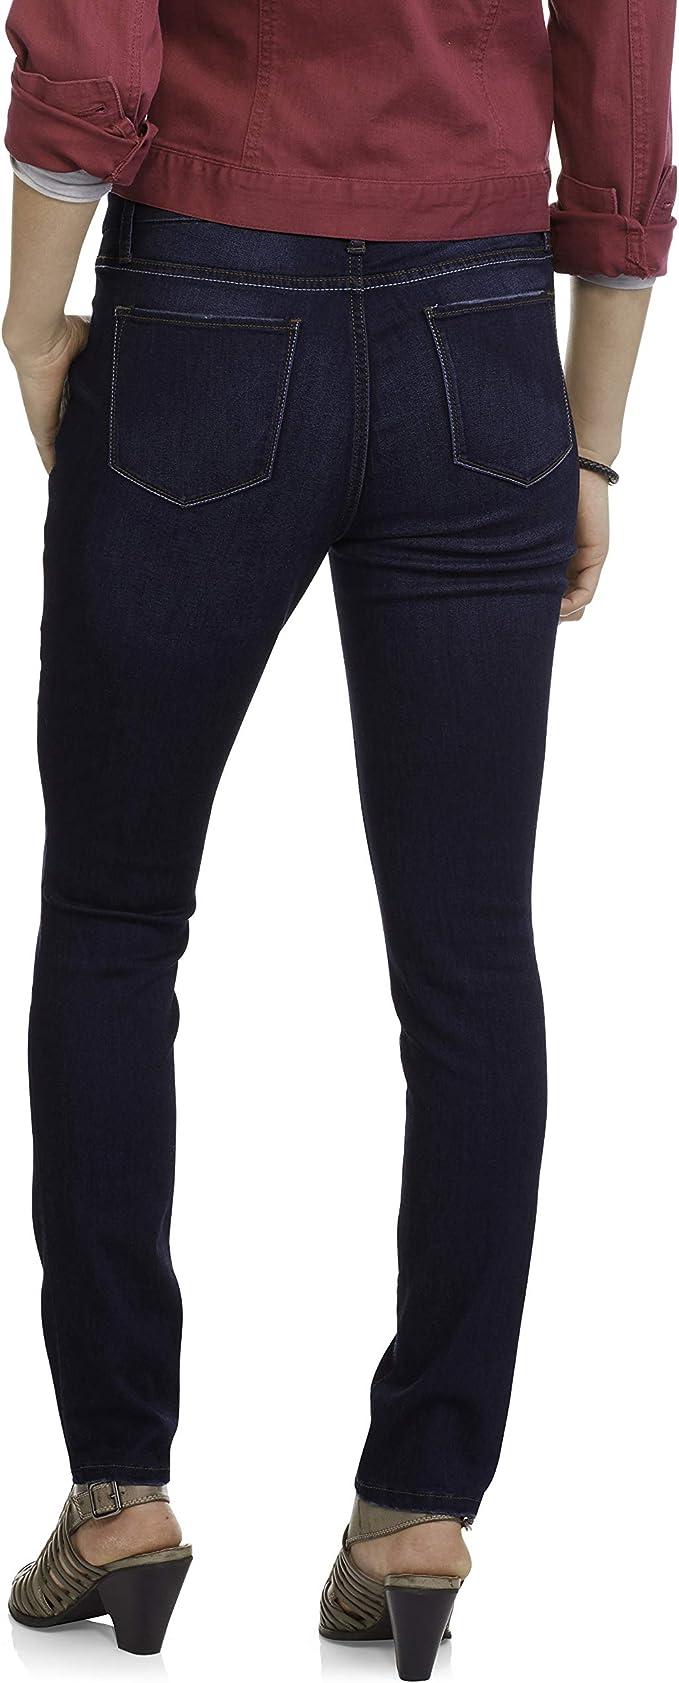 Amazon Com Faded Glory Pantalones Vaqueros Para Mujer Con Tejido Elastico De 4 Direcciones Lavado Oscuro Talla 4 Pequeno Clothing